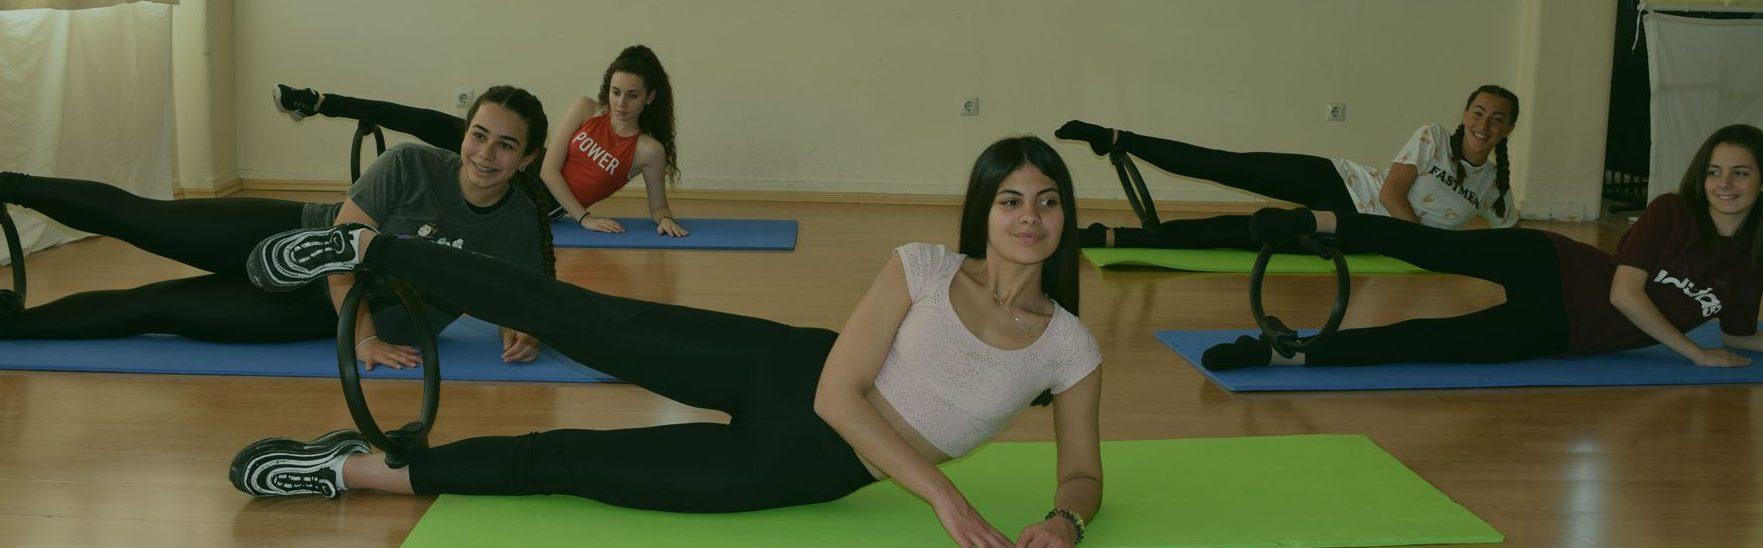 Smiles - Pilates mat